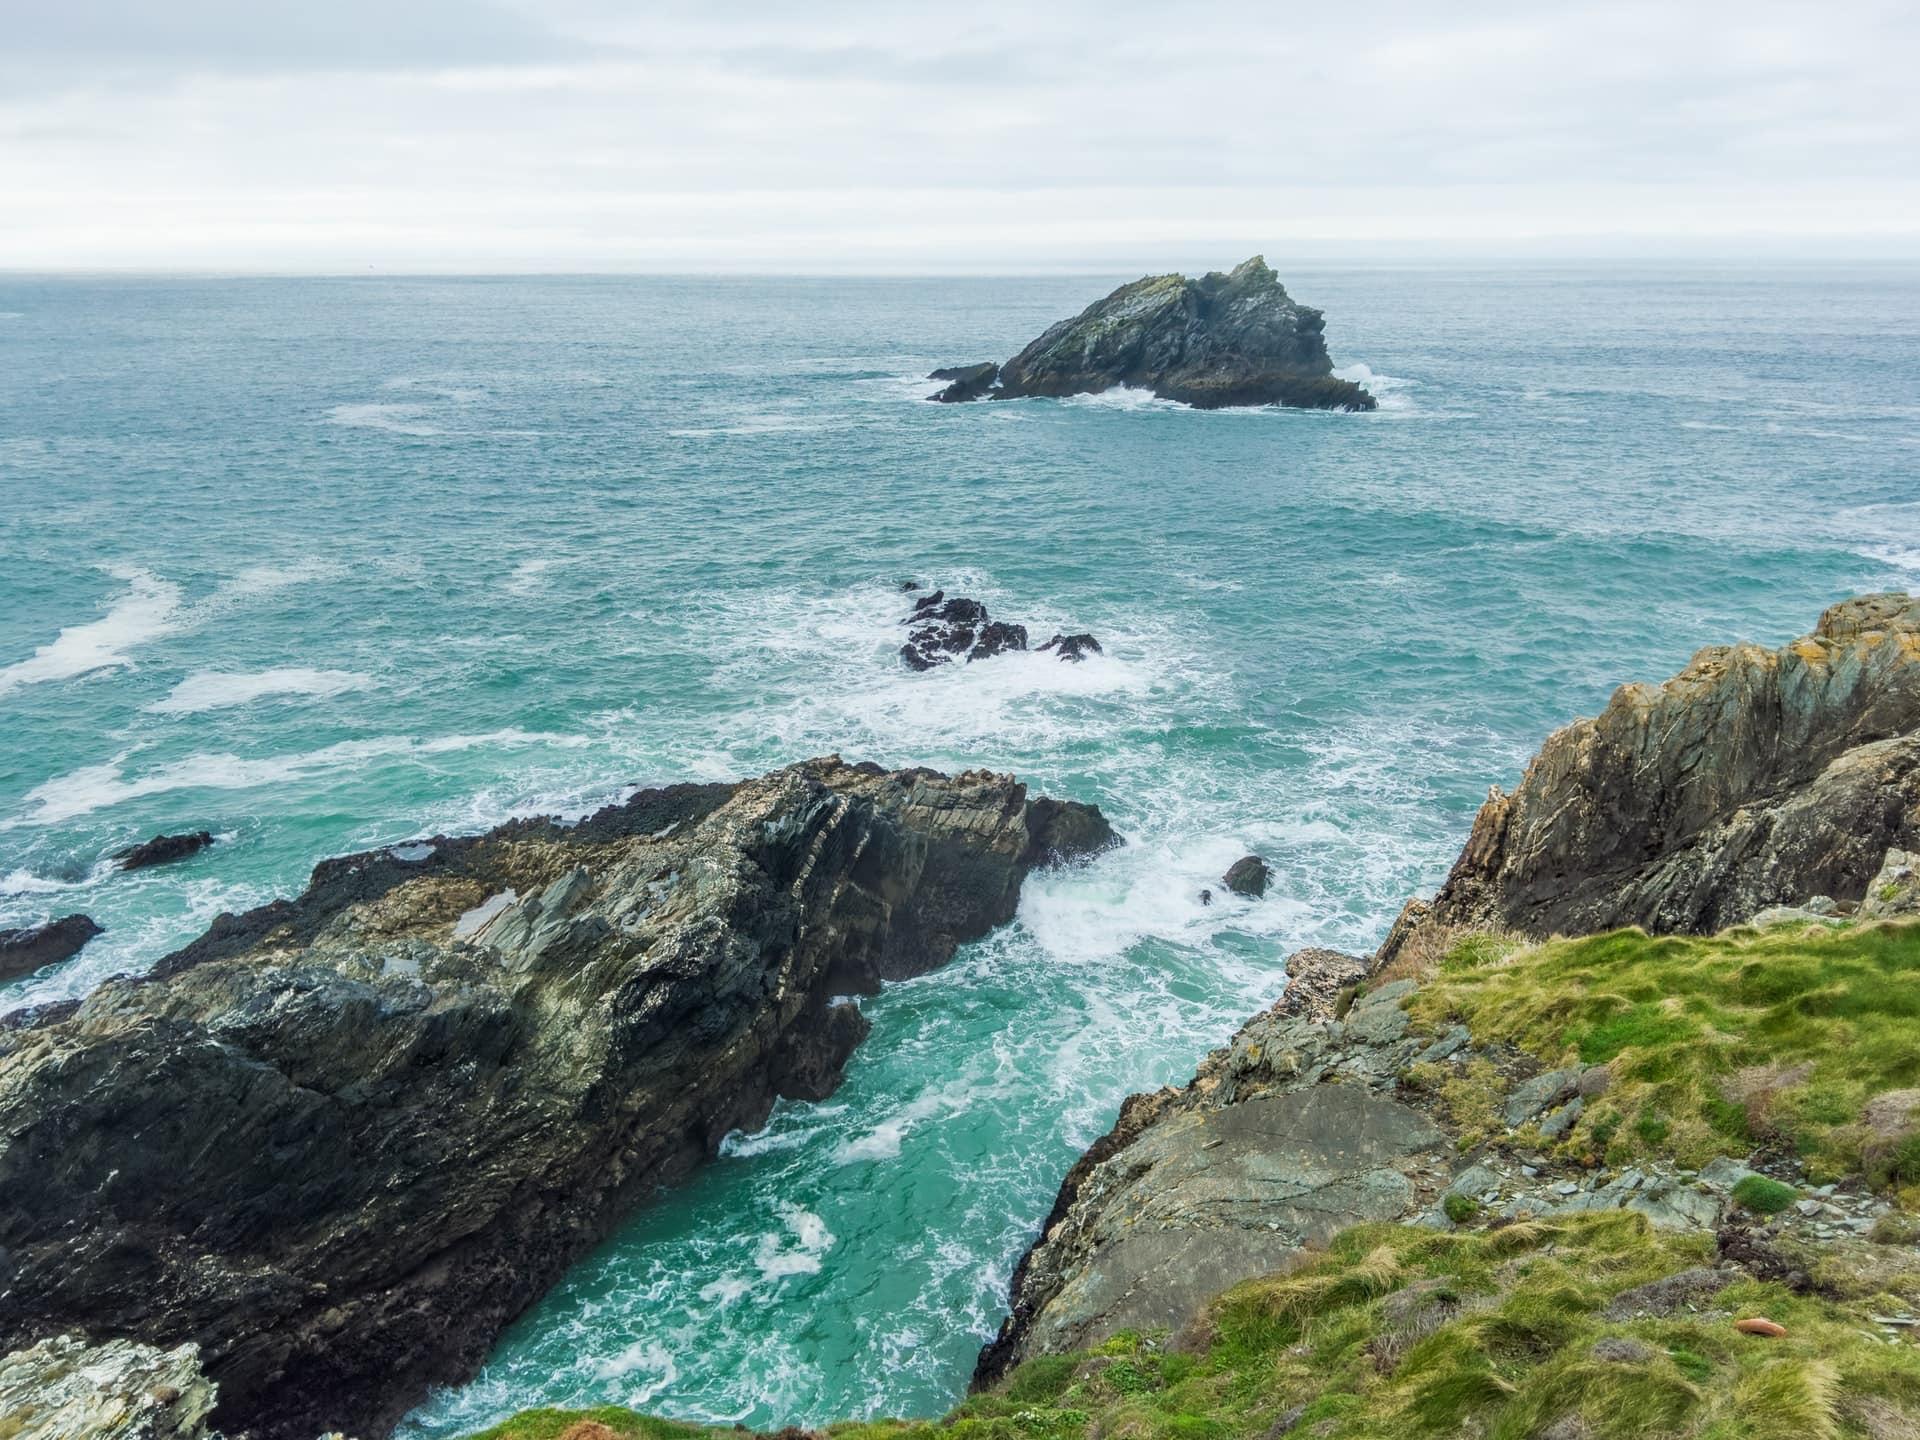 newquay coastline for coasteering